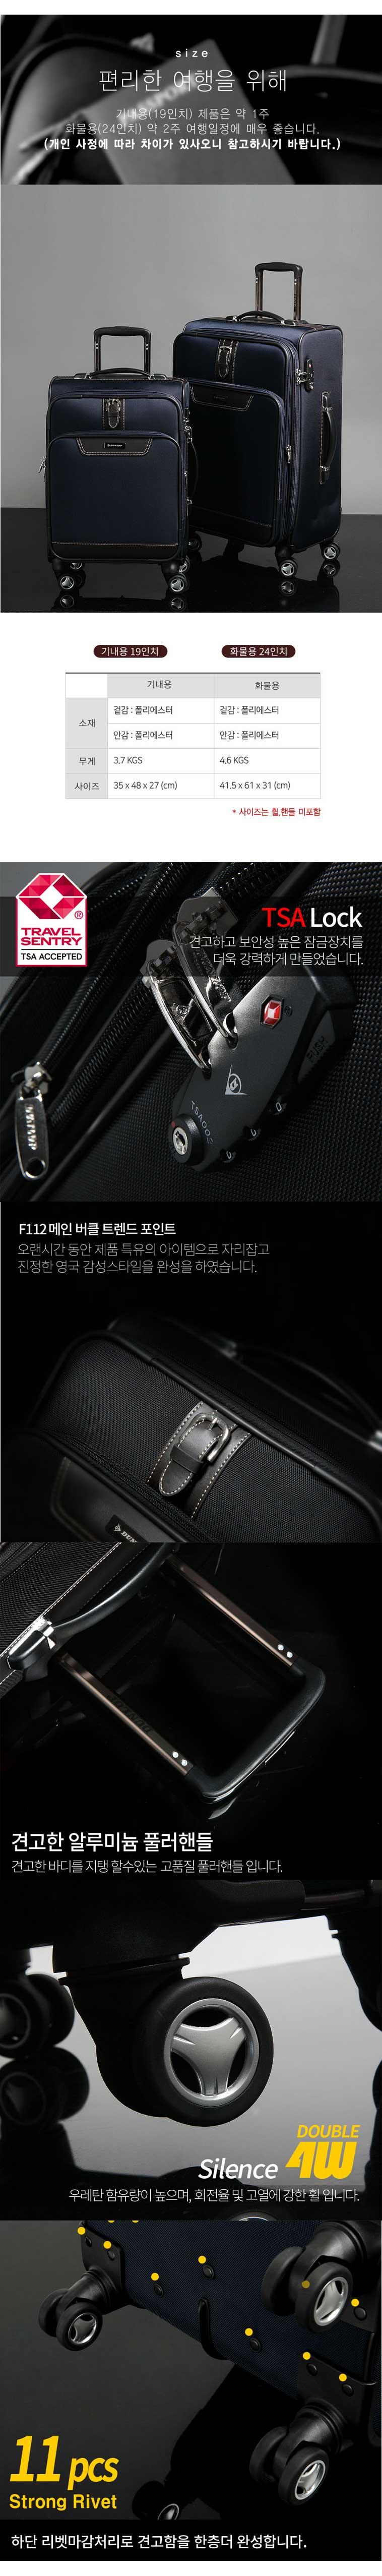 던롭 NF112 블랙 19인치 확장형 소프트 캐리어 - 꼬뱅, 149,000원, 하드형, 중형(24형) 이하